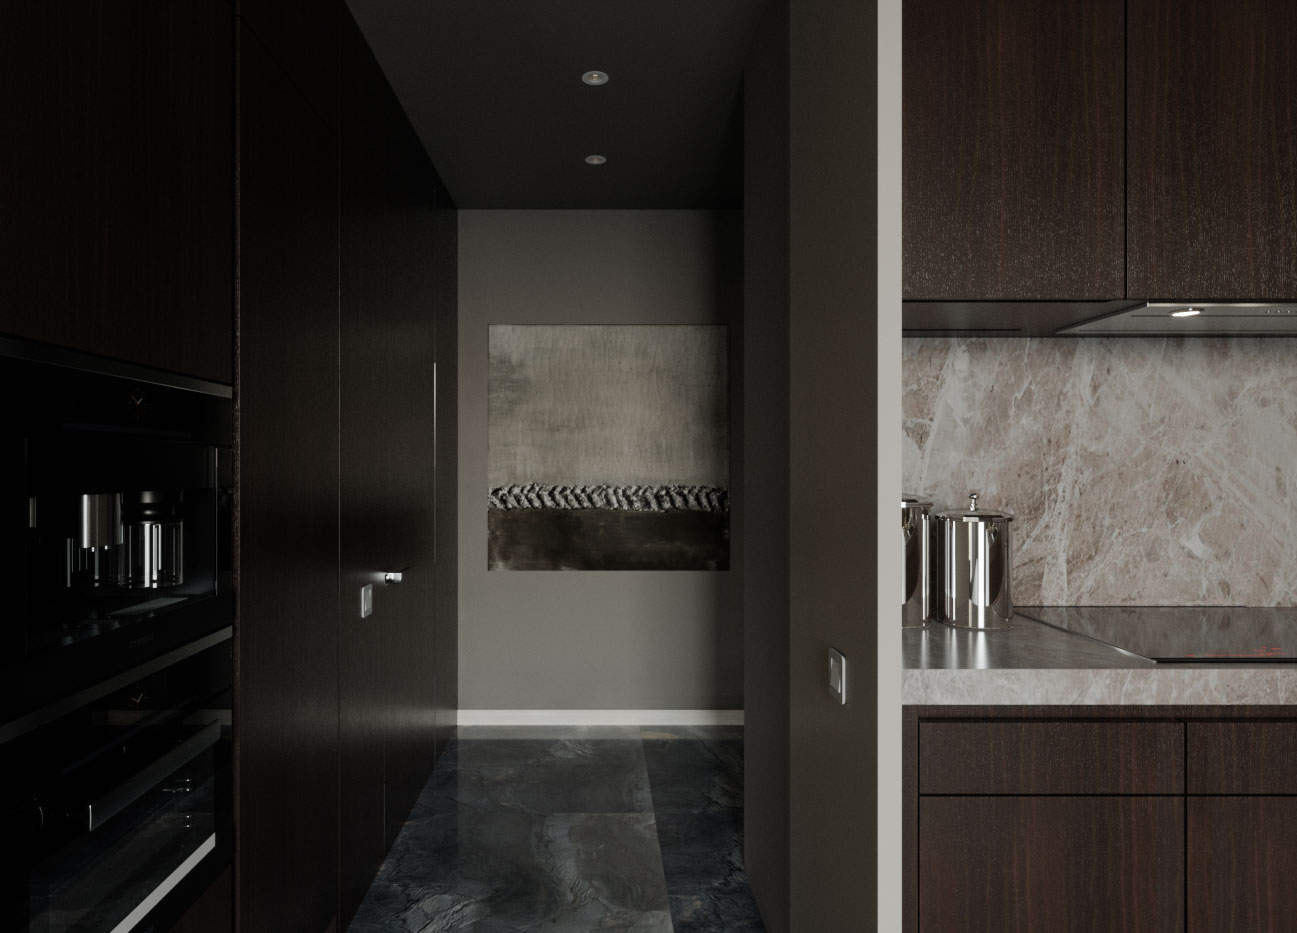 Остров, каменный фартук и столешница на кухне выполнены из керамогранита